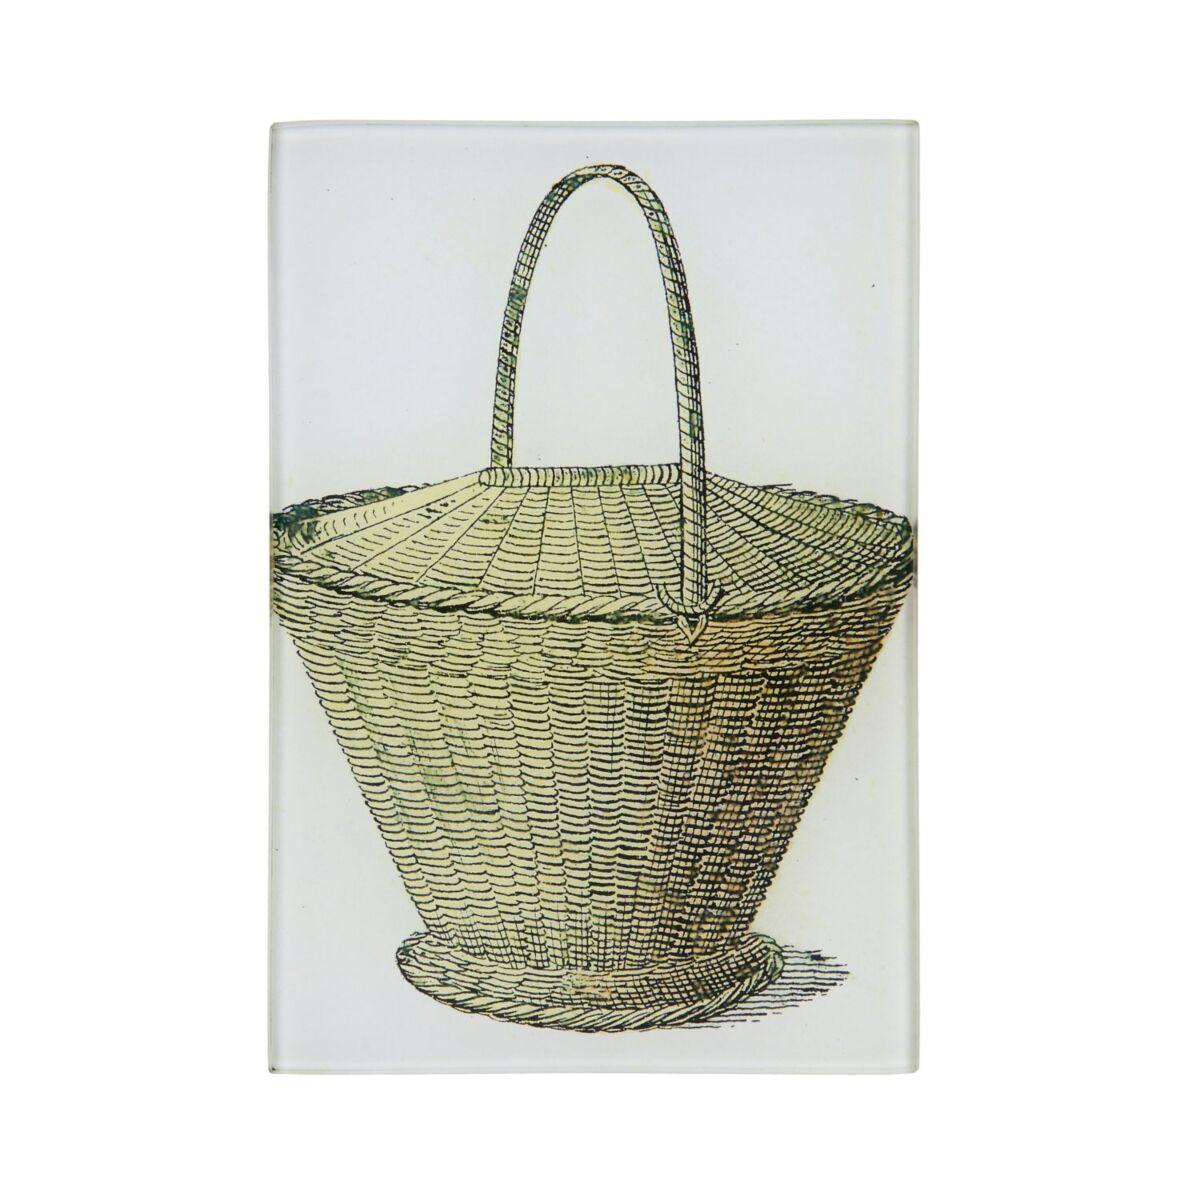 Tisket Tasket Basket Plate image